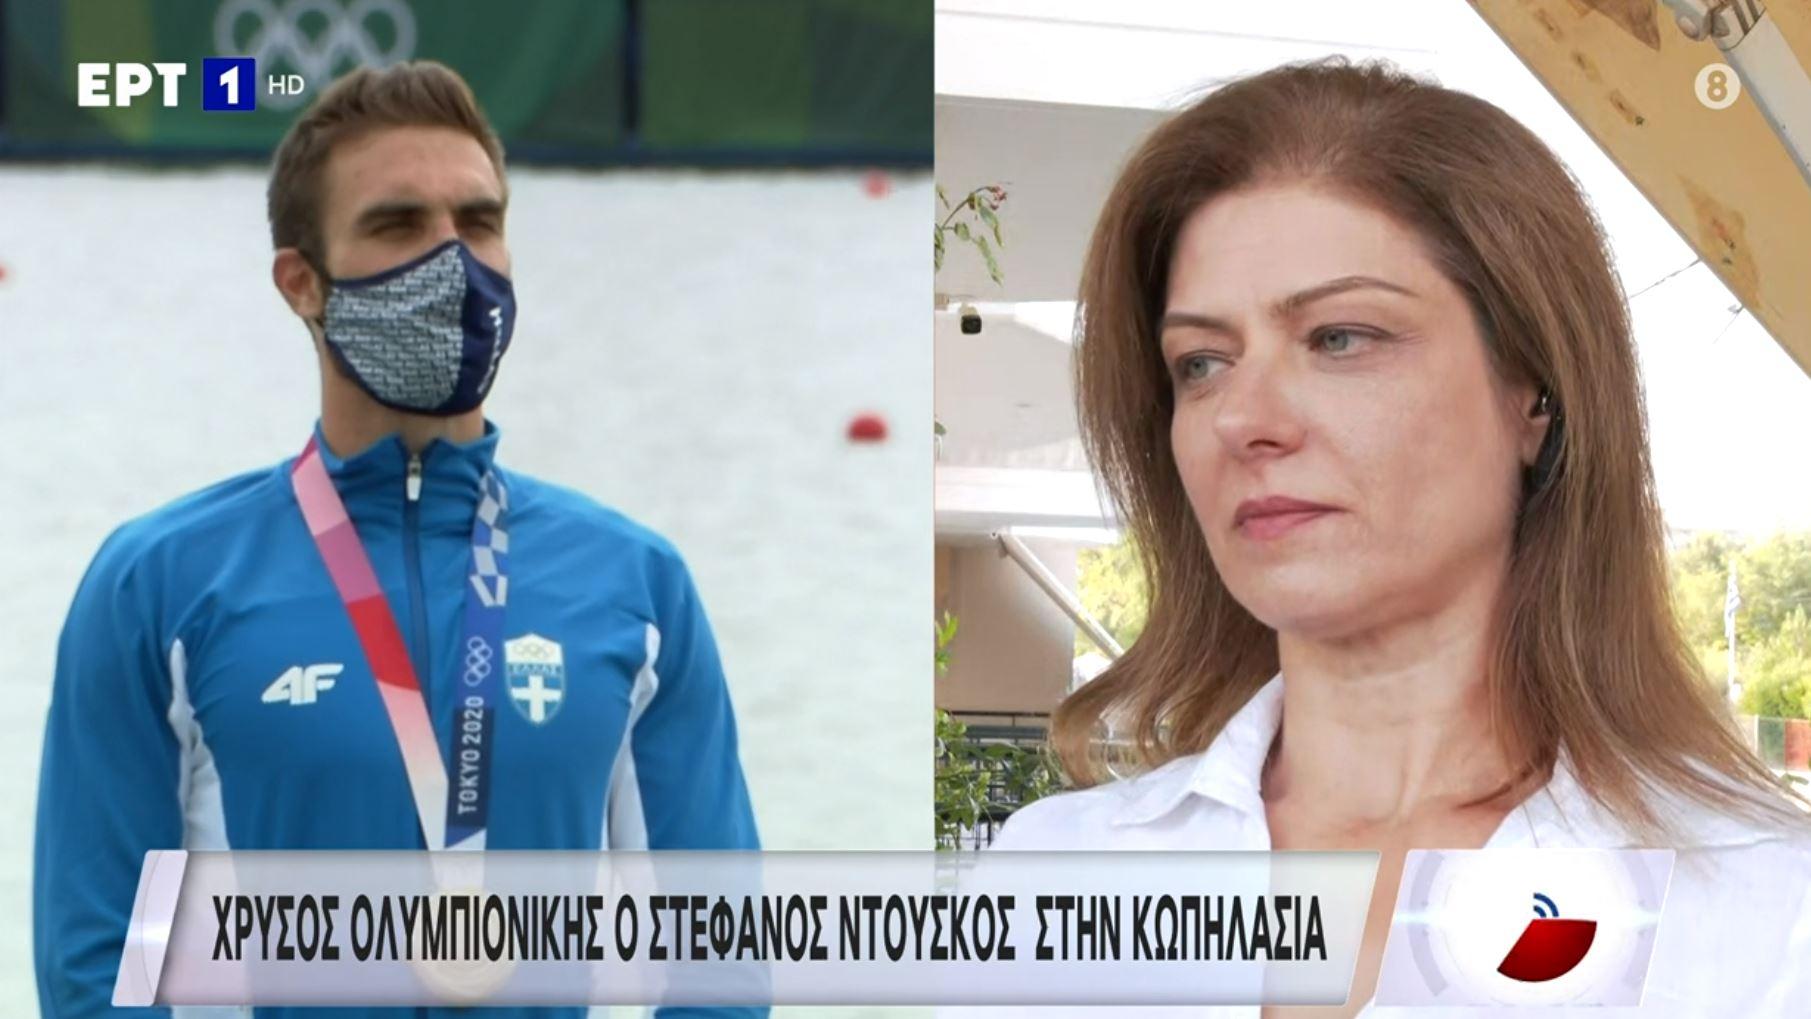 Μαρία Ντούσκου: Μεγάλη συγκίνηση, το βλέπαμε και δεν το πιστεύαμε